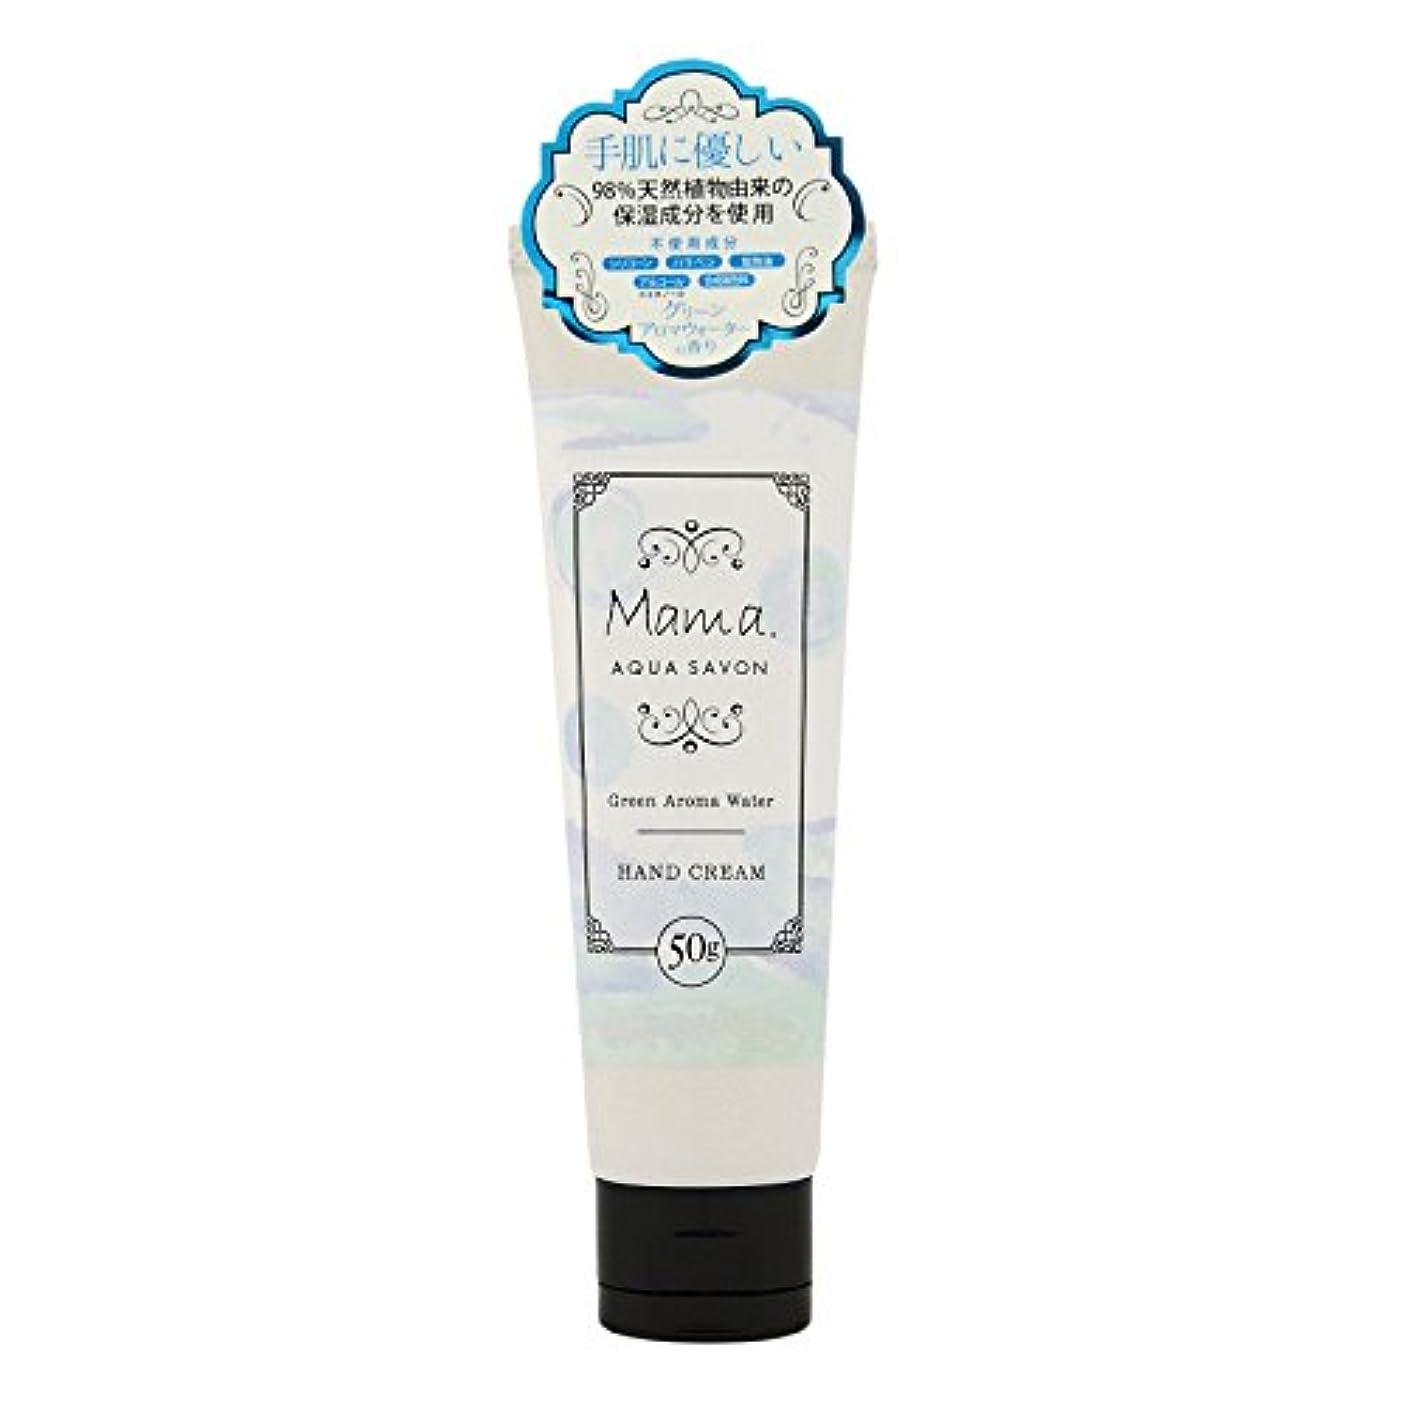 合理的キルトオーストラリアママ アクアシャボン ハンドクリーム グリーンアロマウォーターの香り 50g